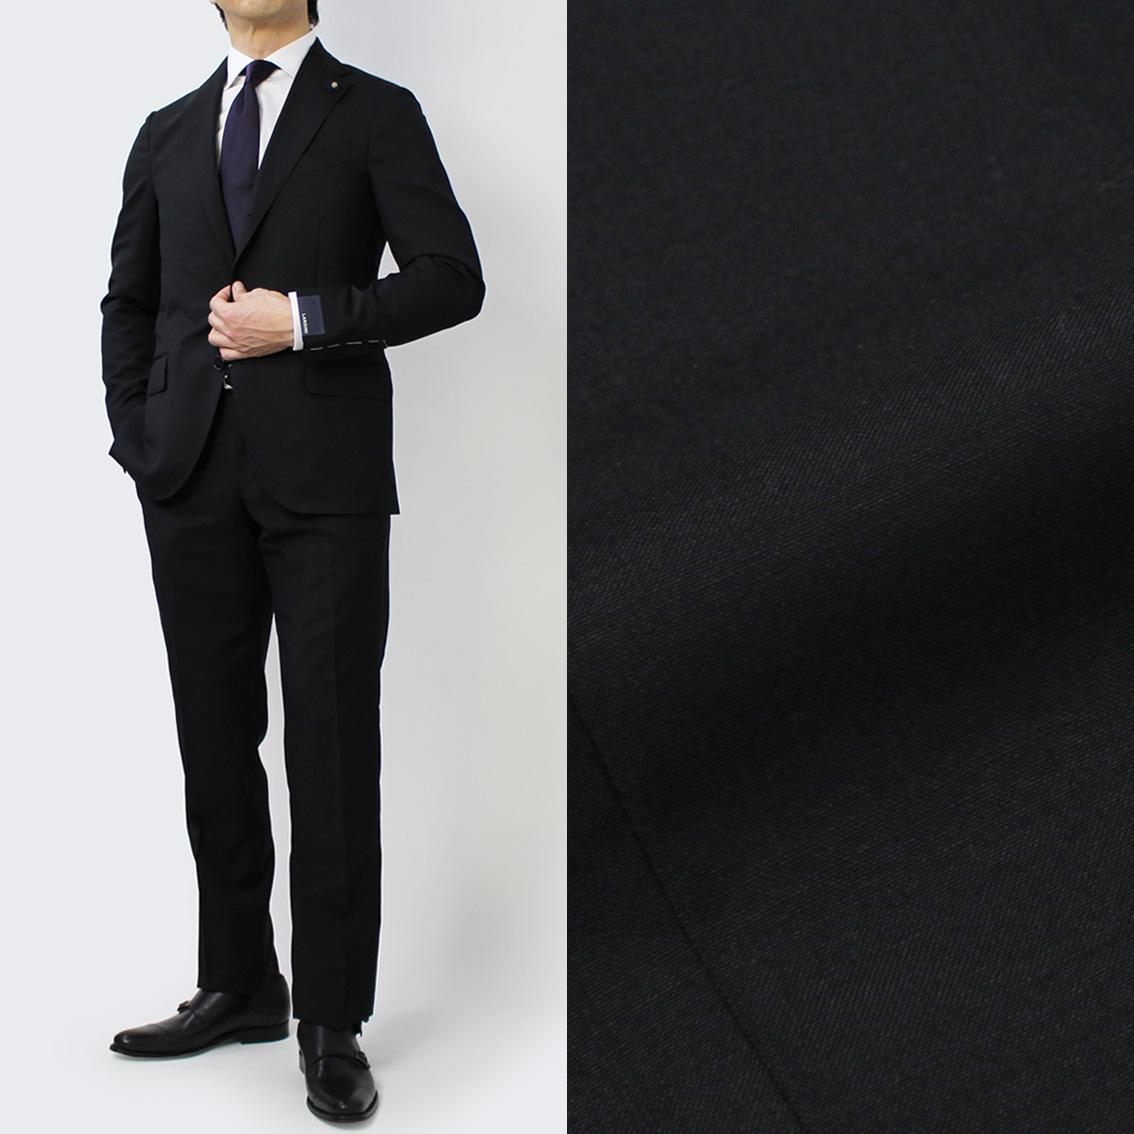 【国内正規品】S/S 新作 LARDINI ( ラルディーニ ) / JP0823AQ / ウール ナチュラルストレッチ ワンプリーツ スーツ【ブラック】【送料無料】